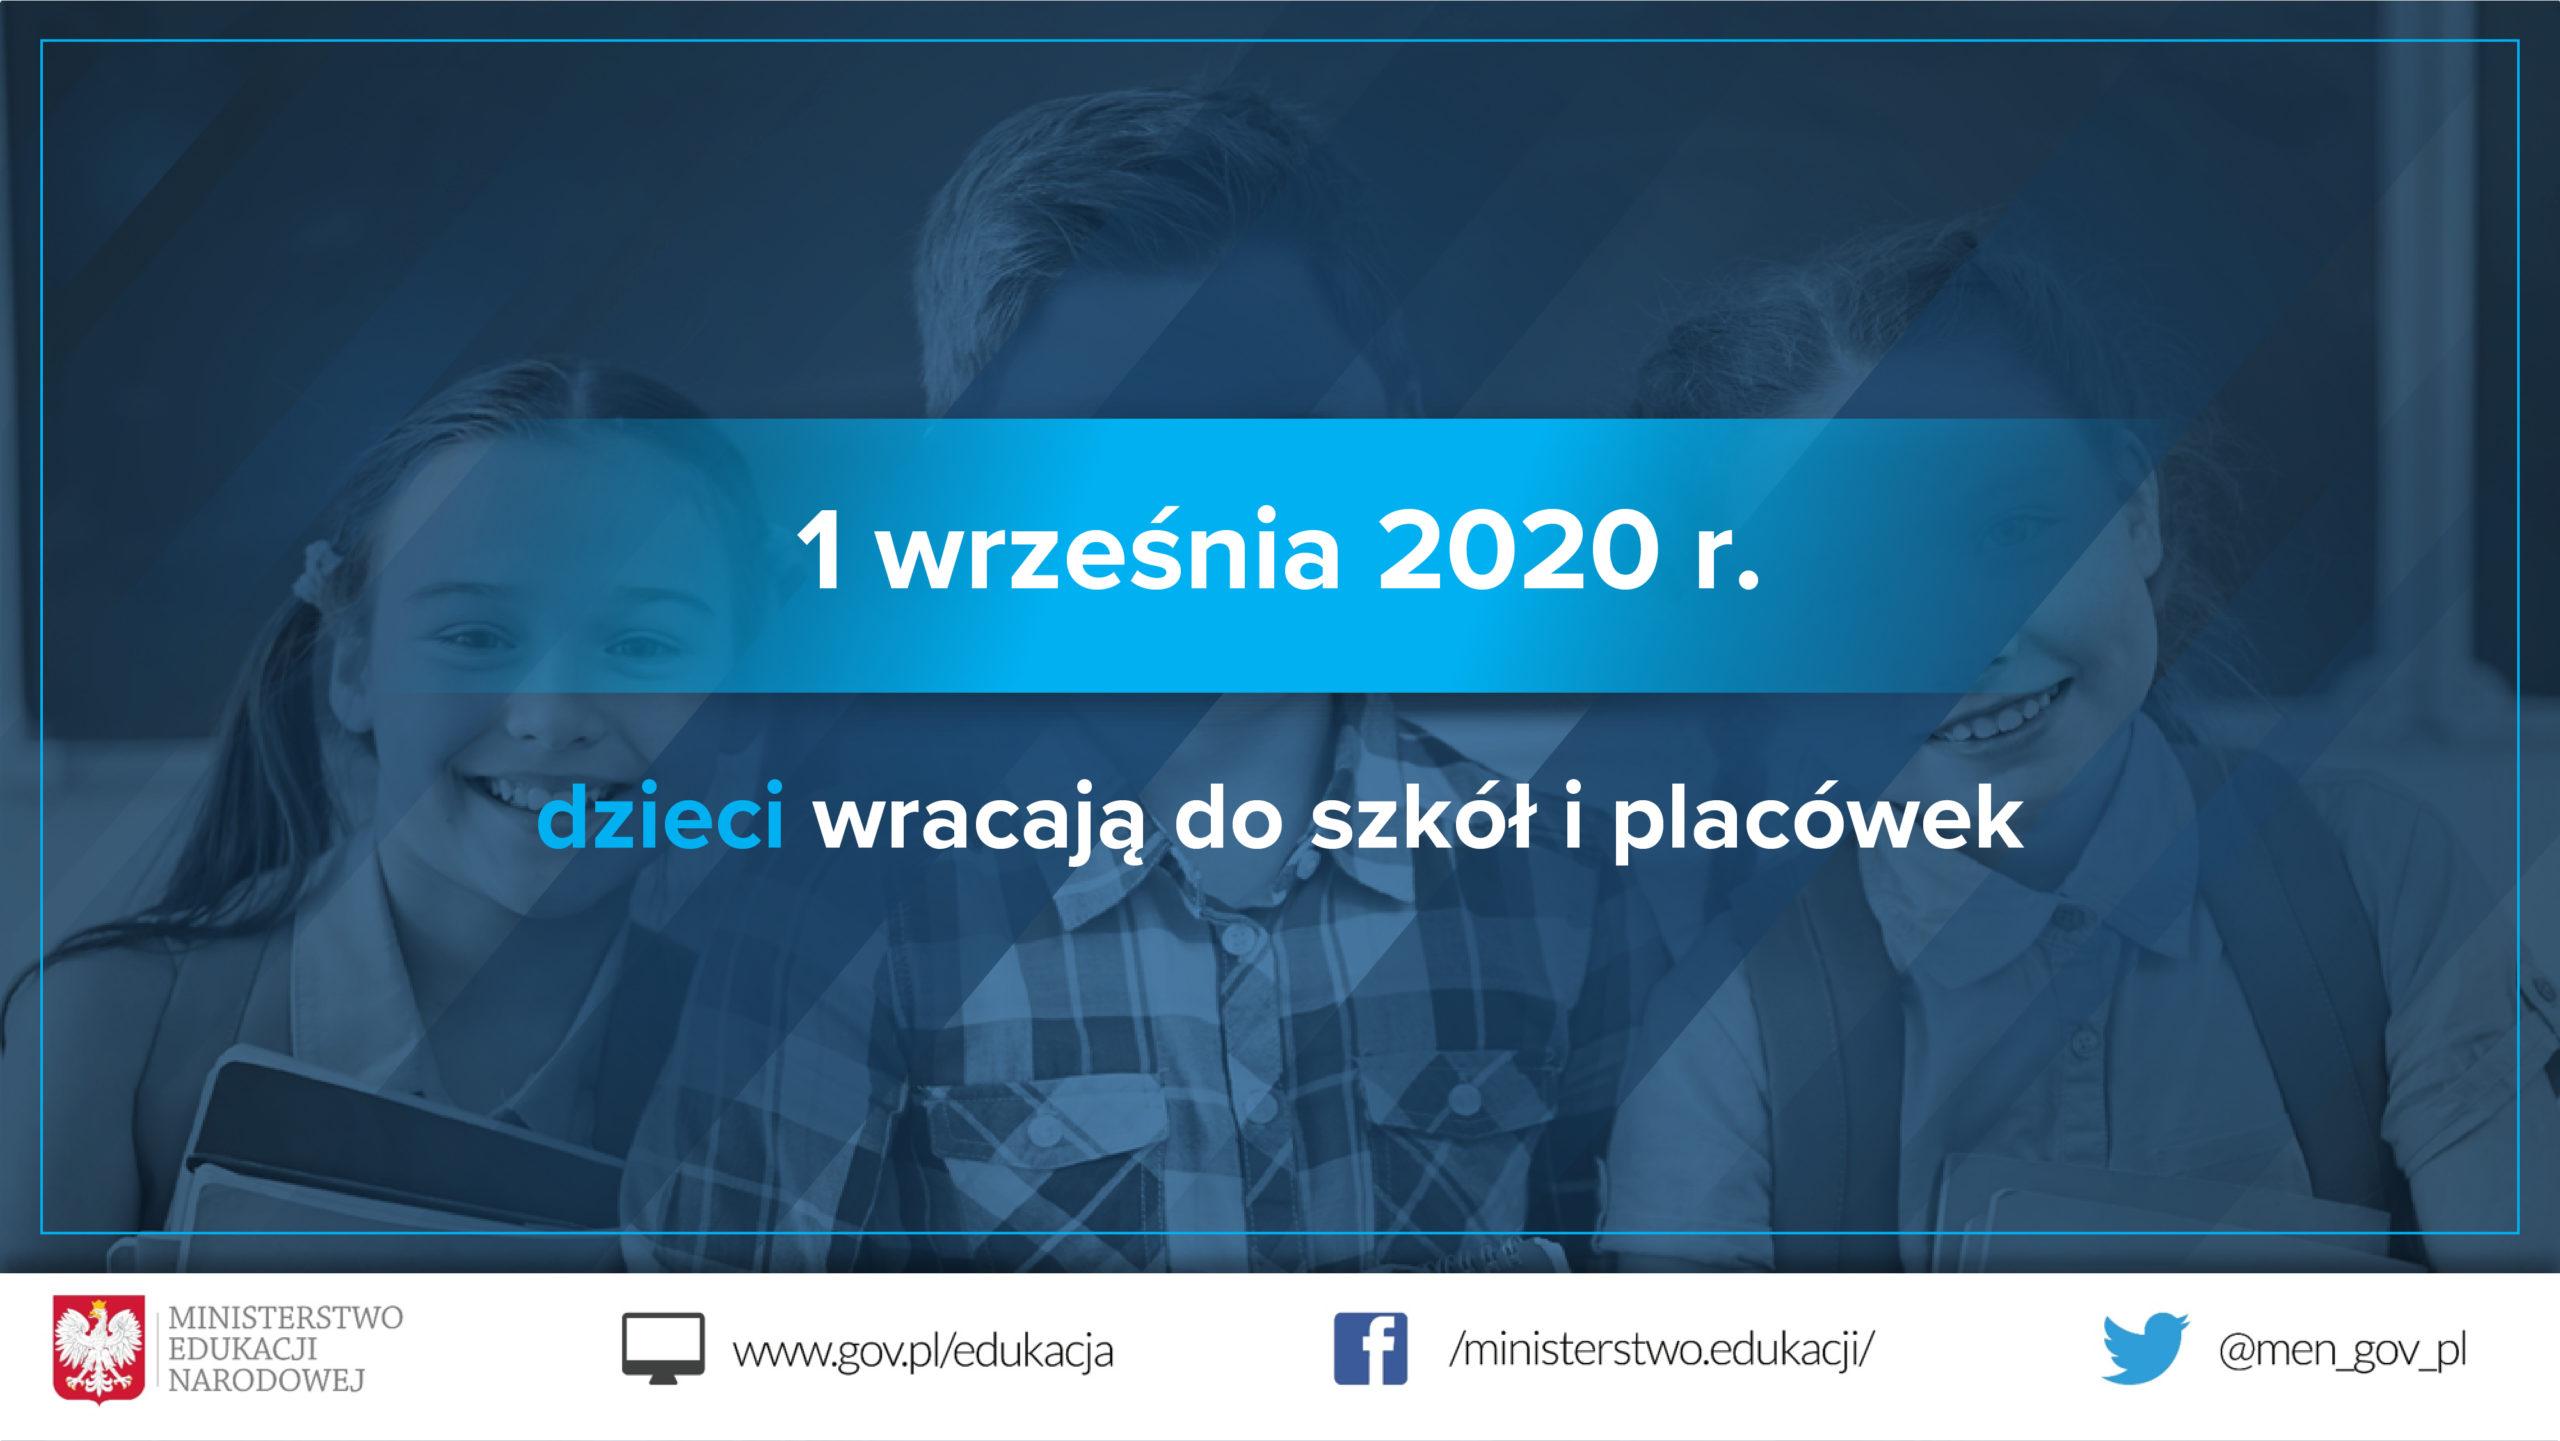 Thumbnail for the post titled: Bezpieczny powrót do szkoły.